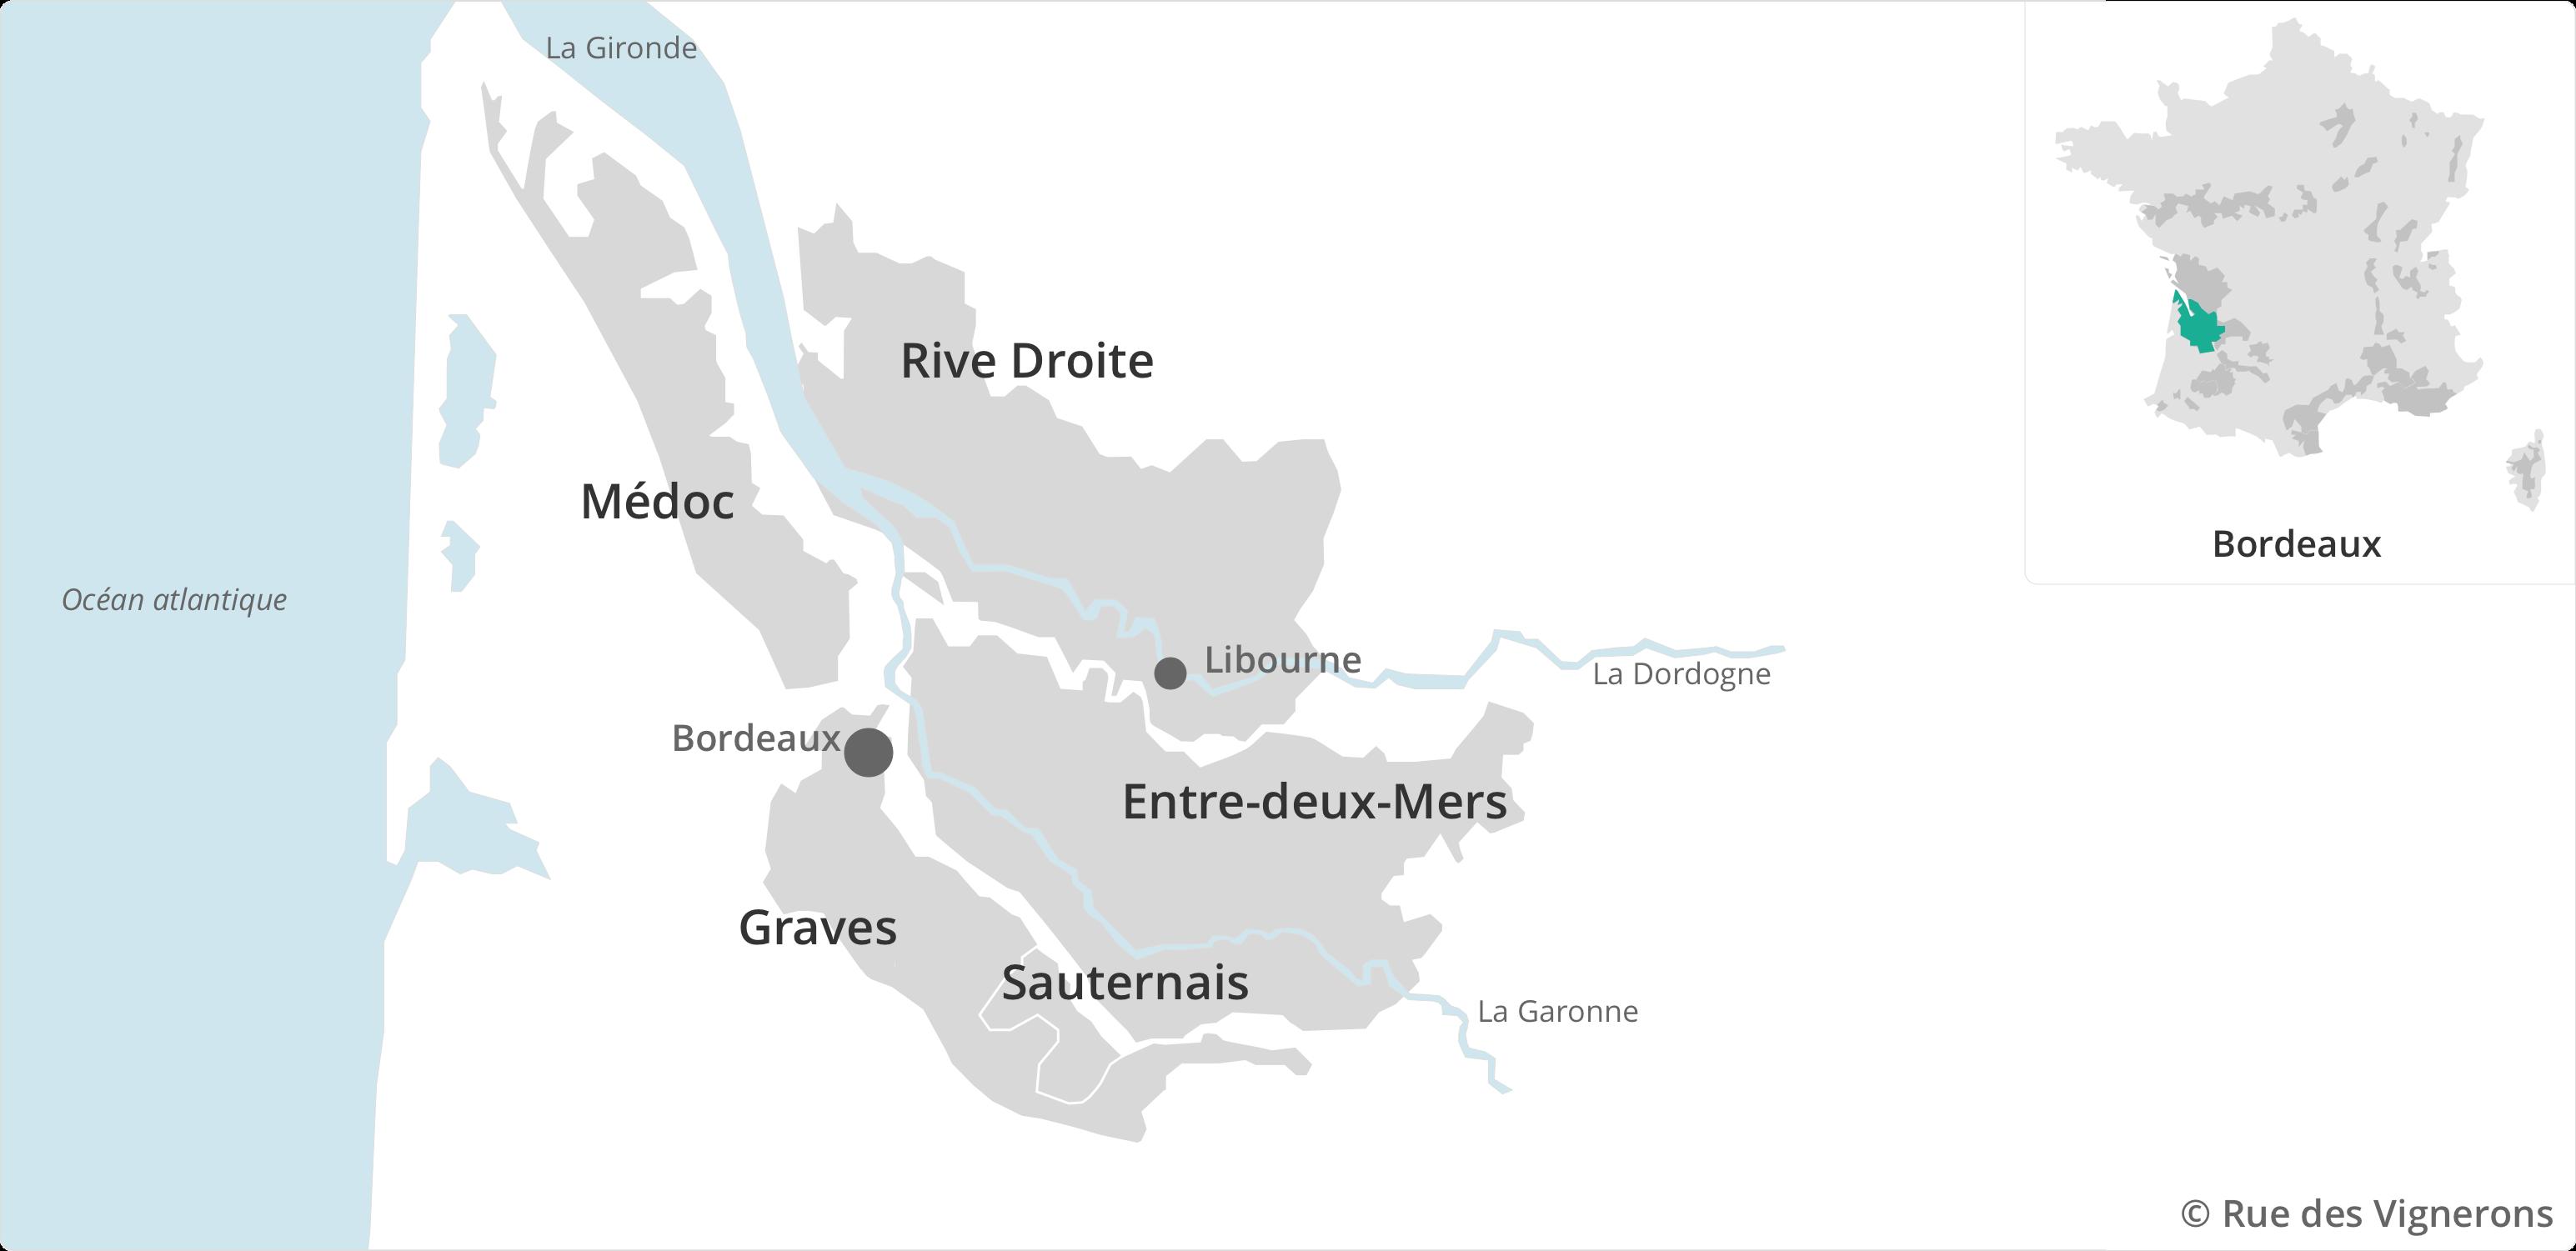 Carte du vignoble Bordelais, appellations cépages bordeaux, appellations bordeaux, guide du vin bordeaux, région bordeaux vin